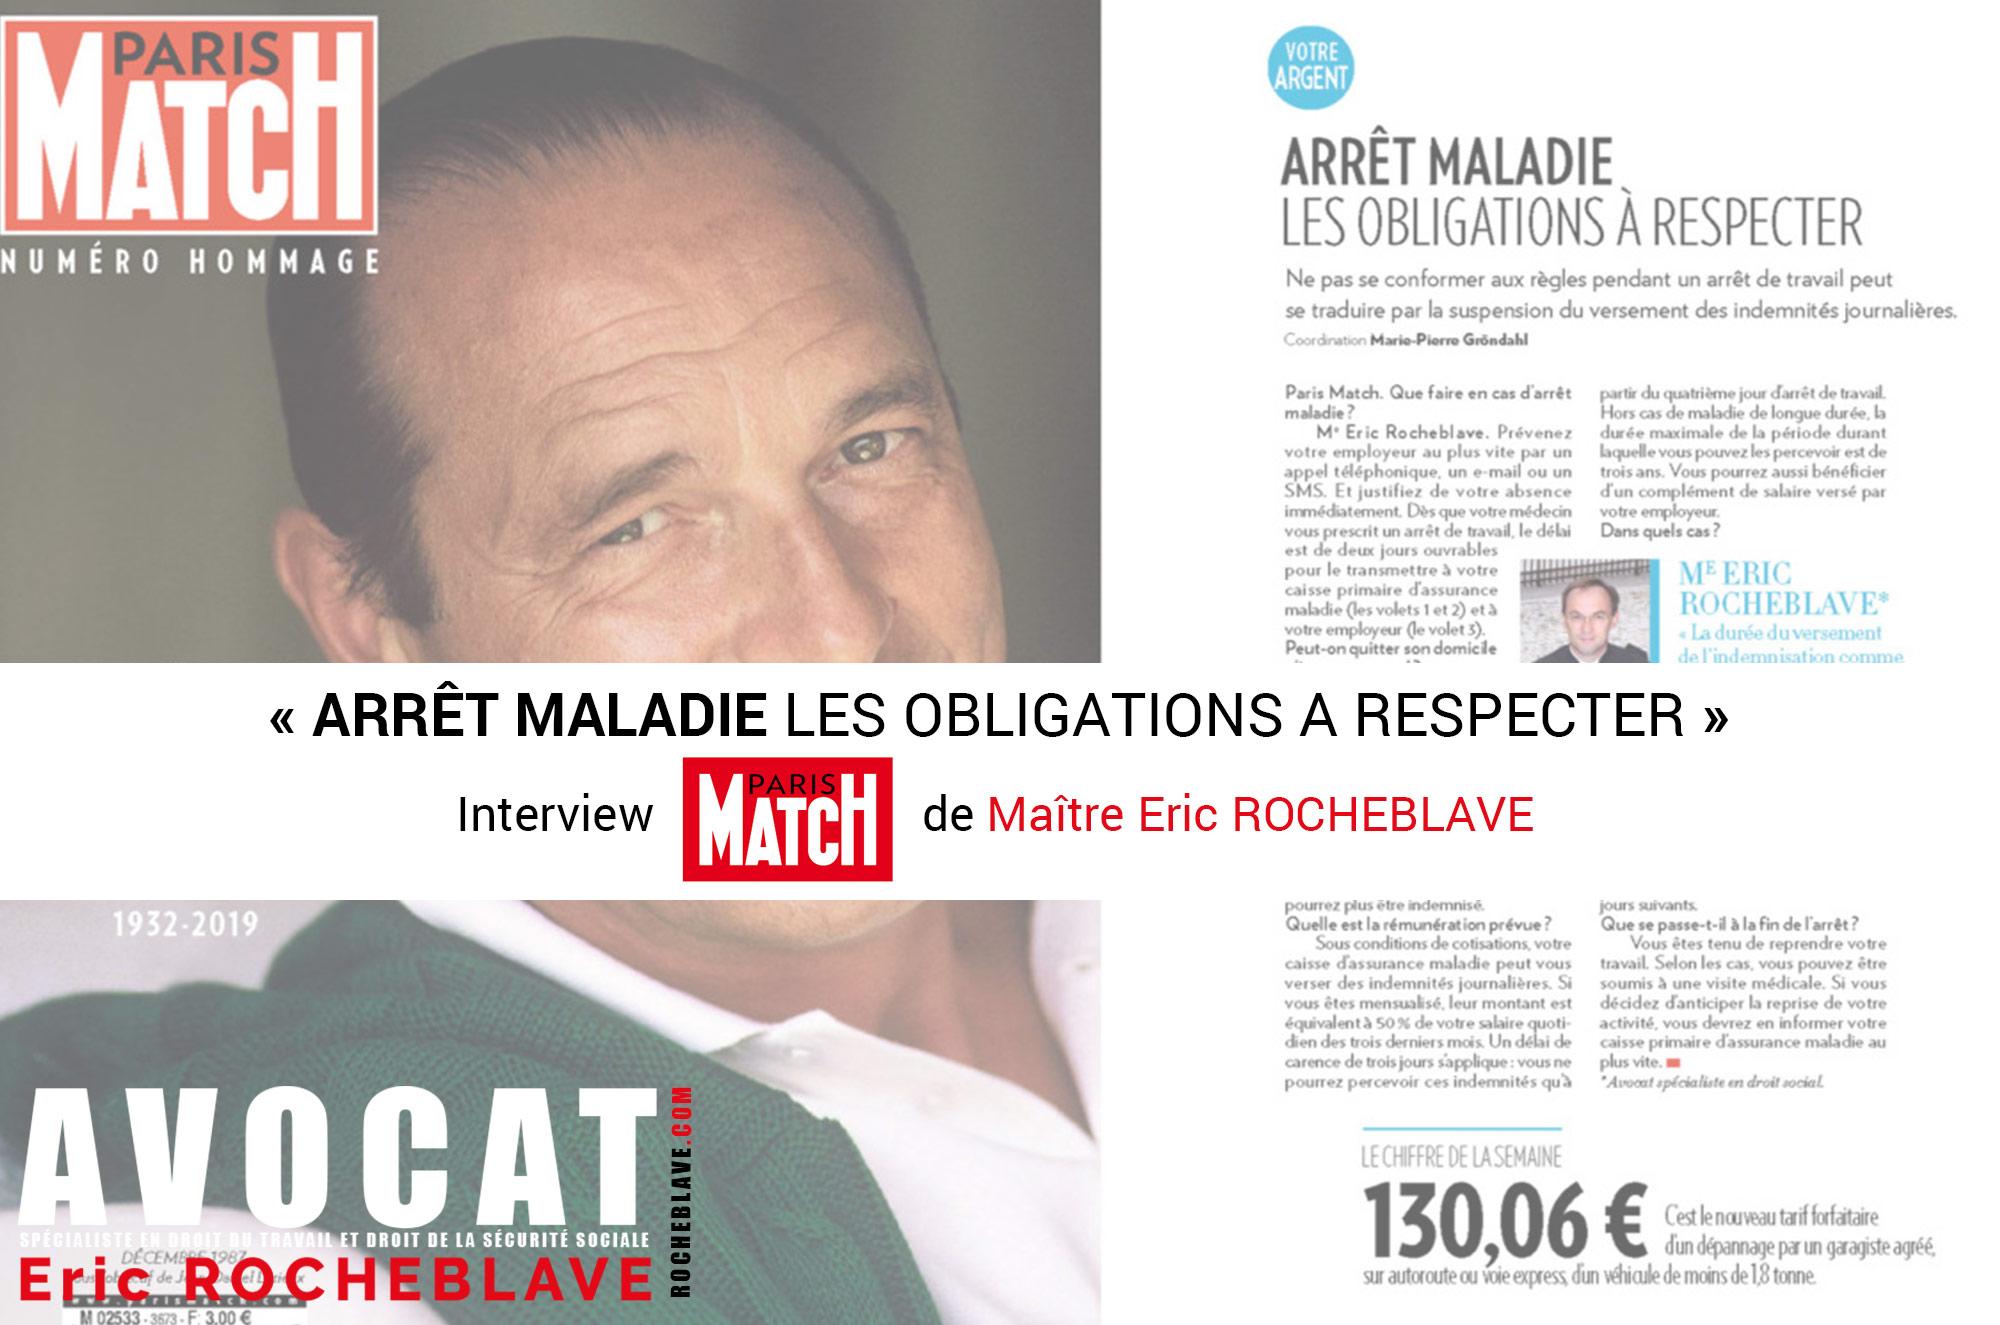 « ARRÊT MALADIE : LES OBLIGATIONS A RESPECTER »  Interview PARIS MATCH de Maître Eric ROCHEBLAVE